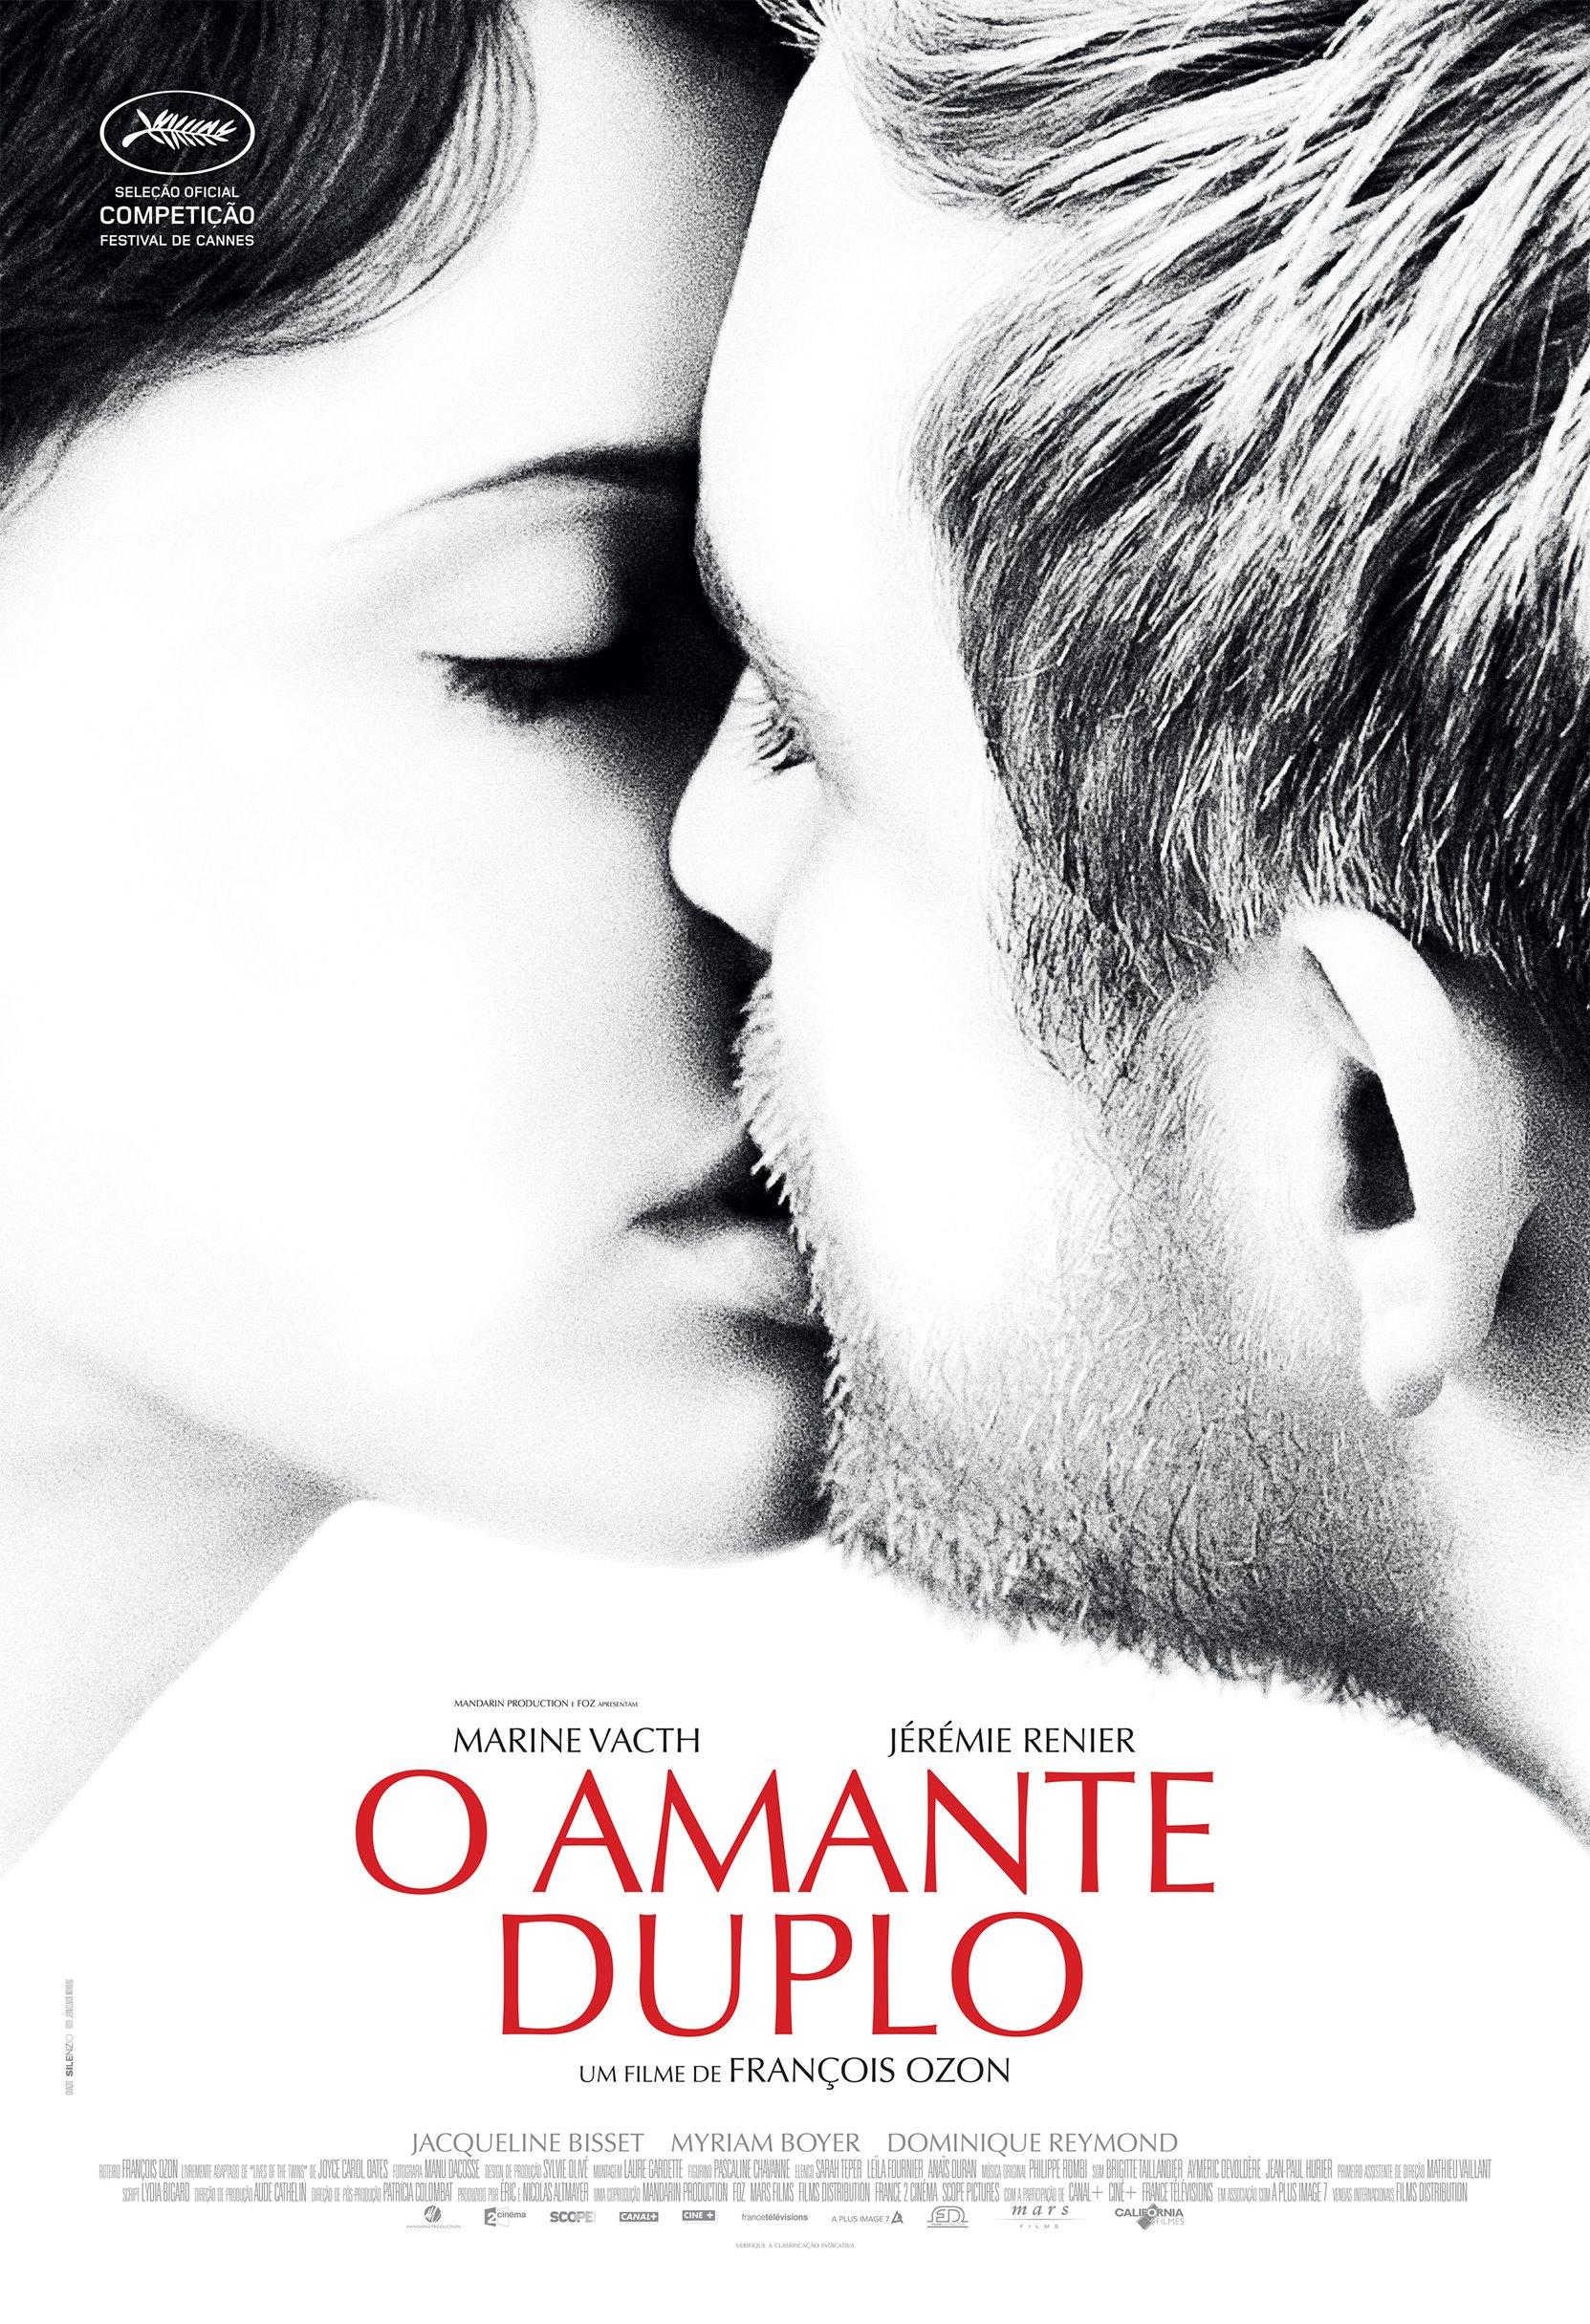 O Amante Duplo Filme 2017 Adorocinema